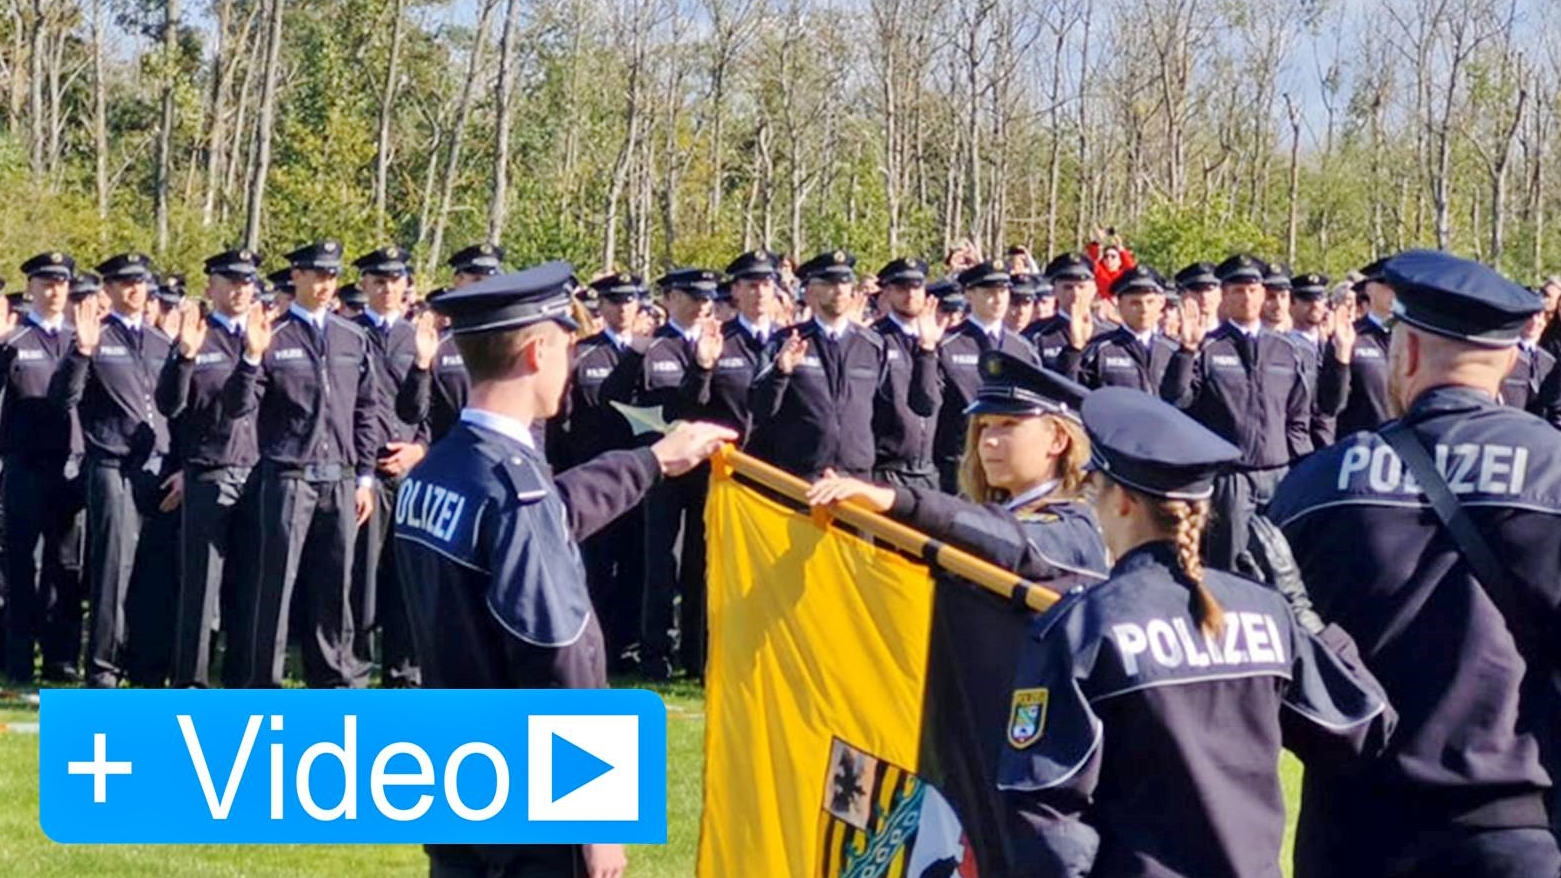 Vereidigung von angehenden Polizistinnen und Polizisten in der Fachhochschule Polizei Sachsen-Anhalt